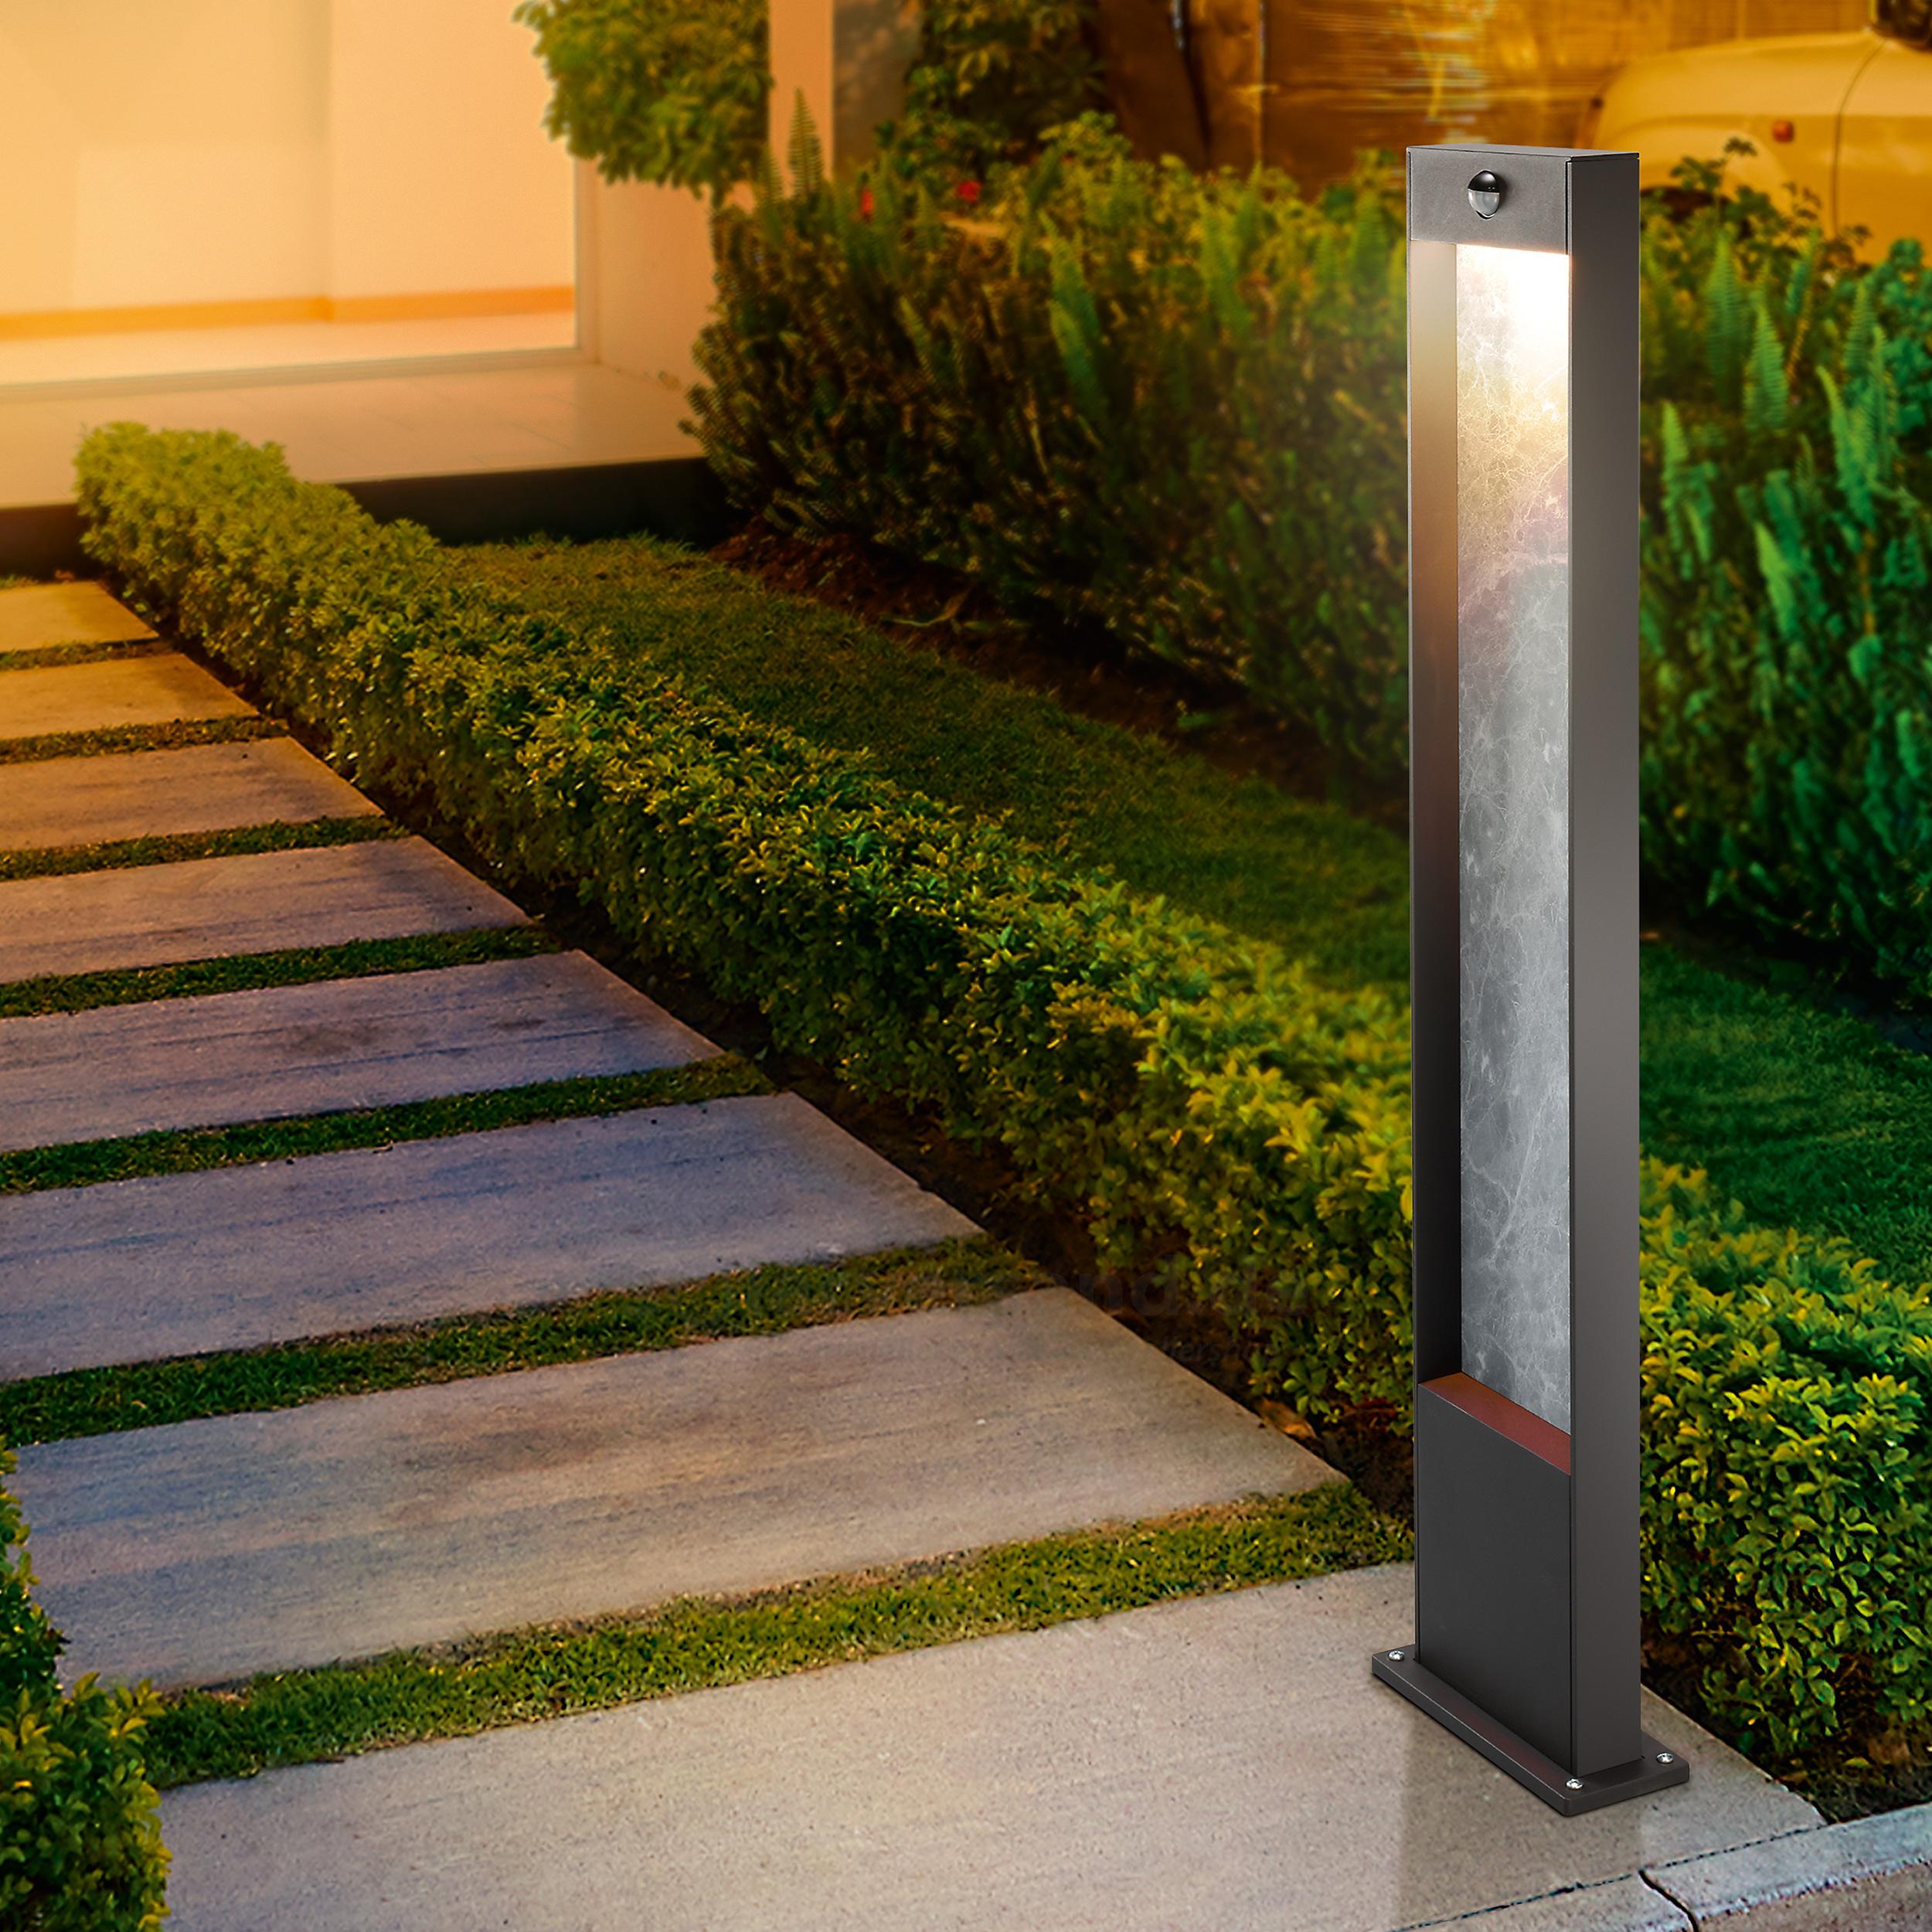 Bachlauf Im Garten Schön Design Wegelampe Stoneline 100 Mit Bewegungsmelder